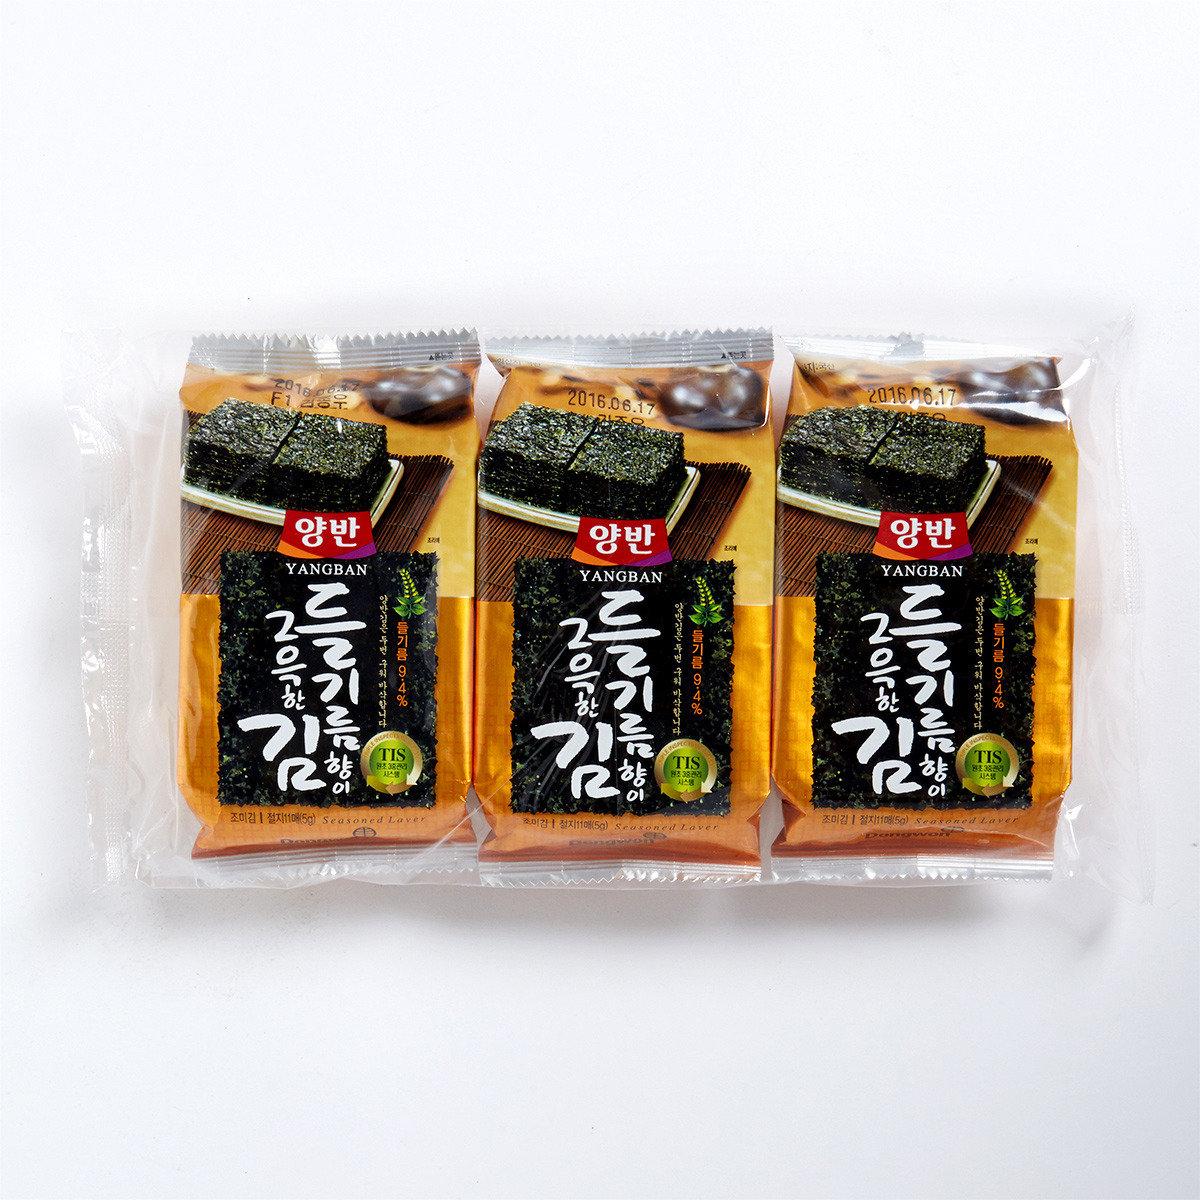 天然鹽燒海苔(紫蘇油)